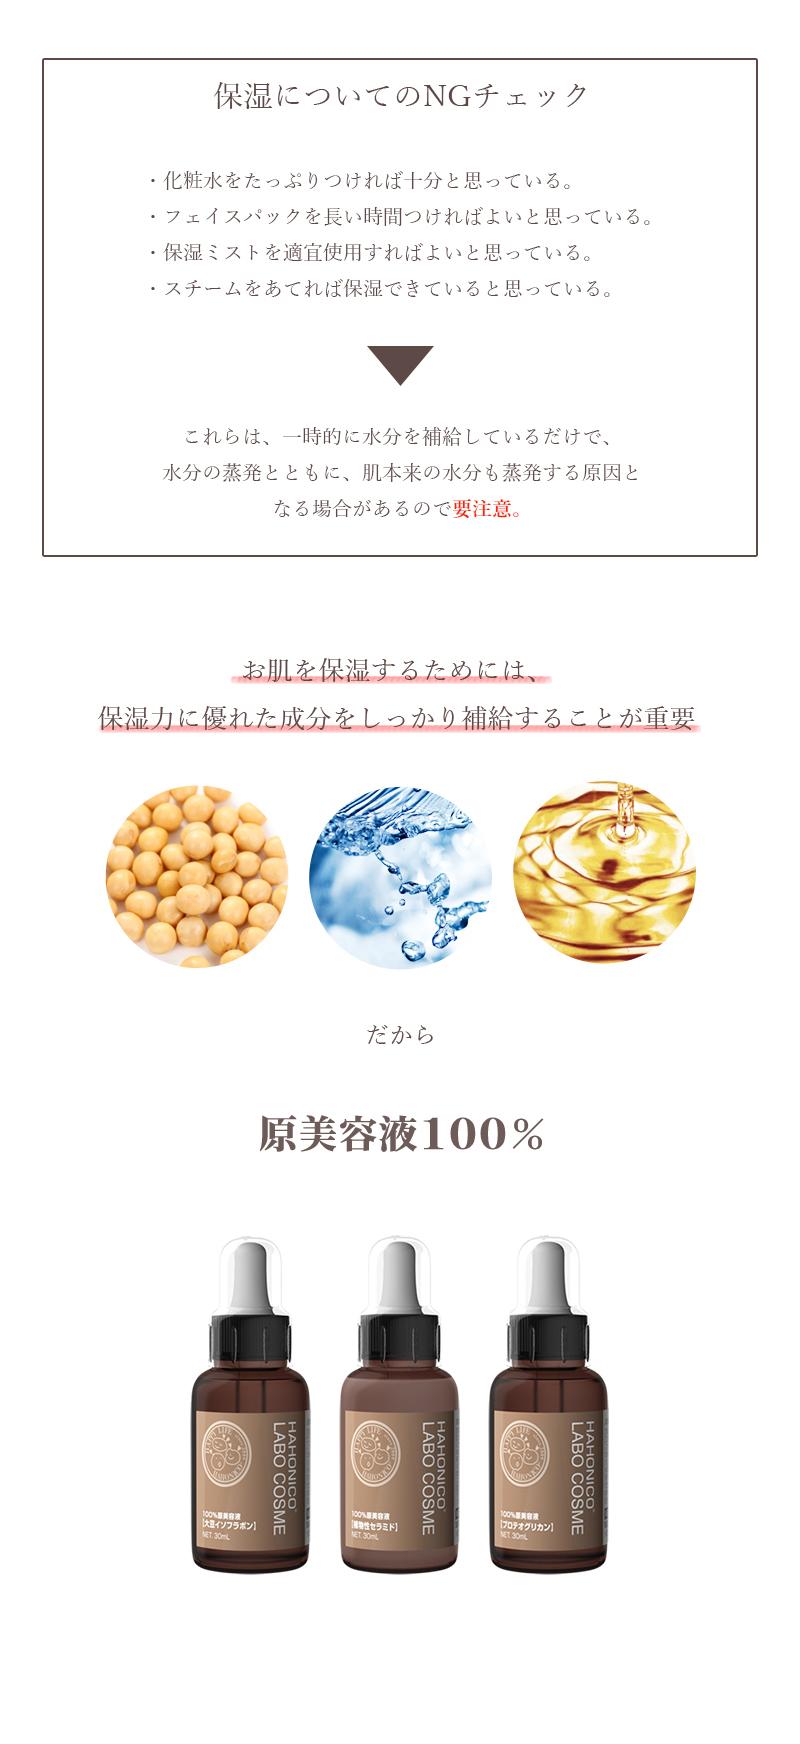 保湿力に優れた成分を補給することが重要、だから原美容液100%